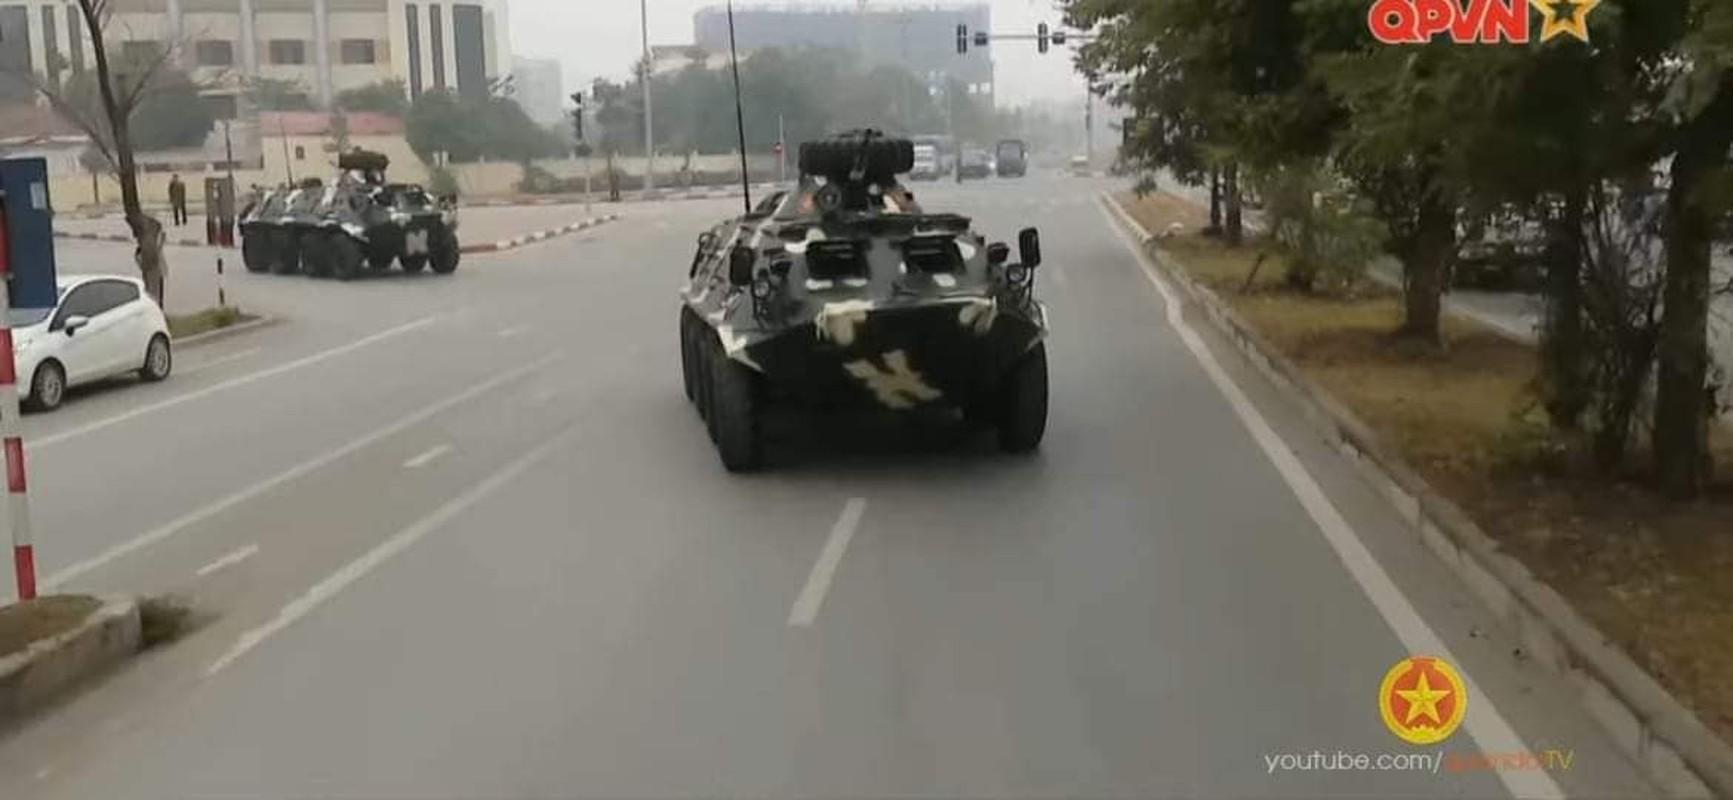 Ben trong xe thiet giap Viet Nam tham gia bao ve Dai hoi Dang-Hinh-10